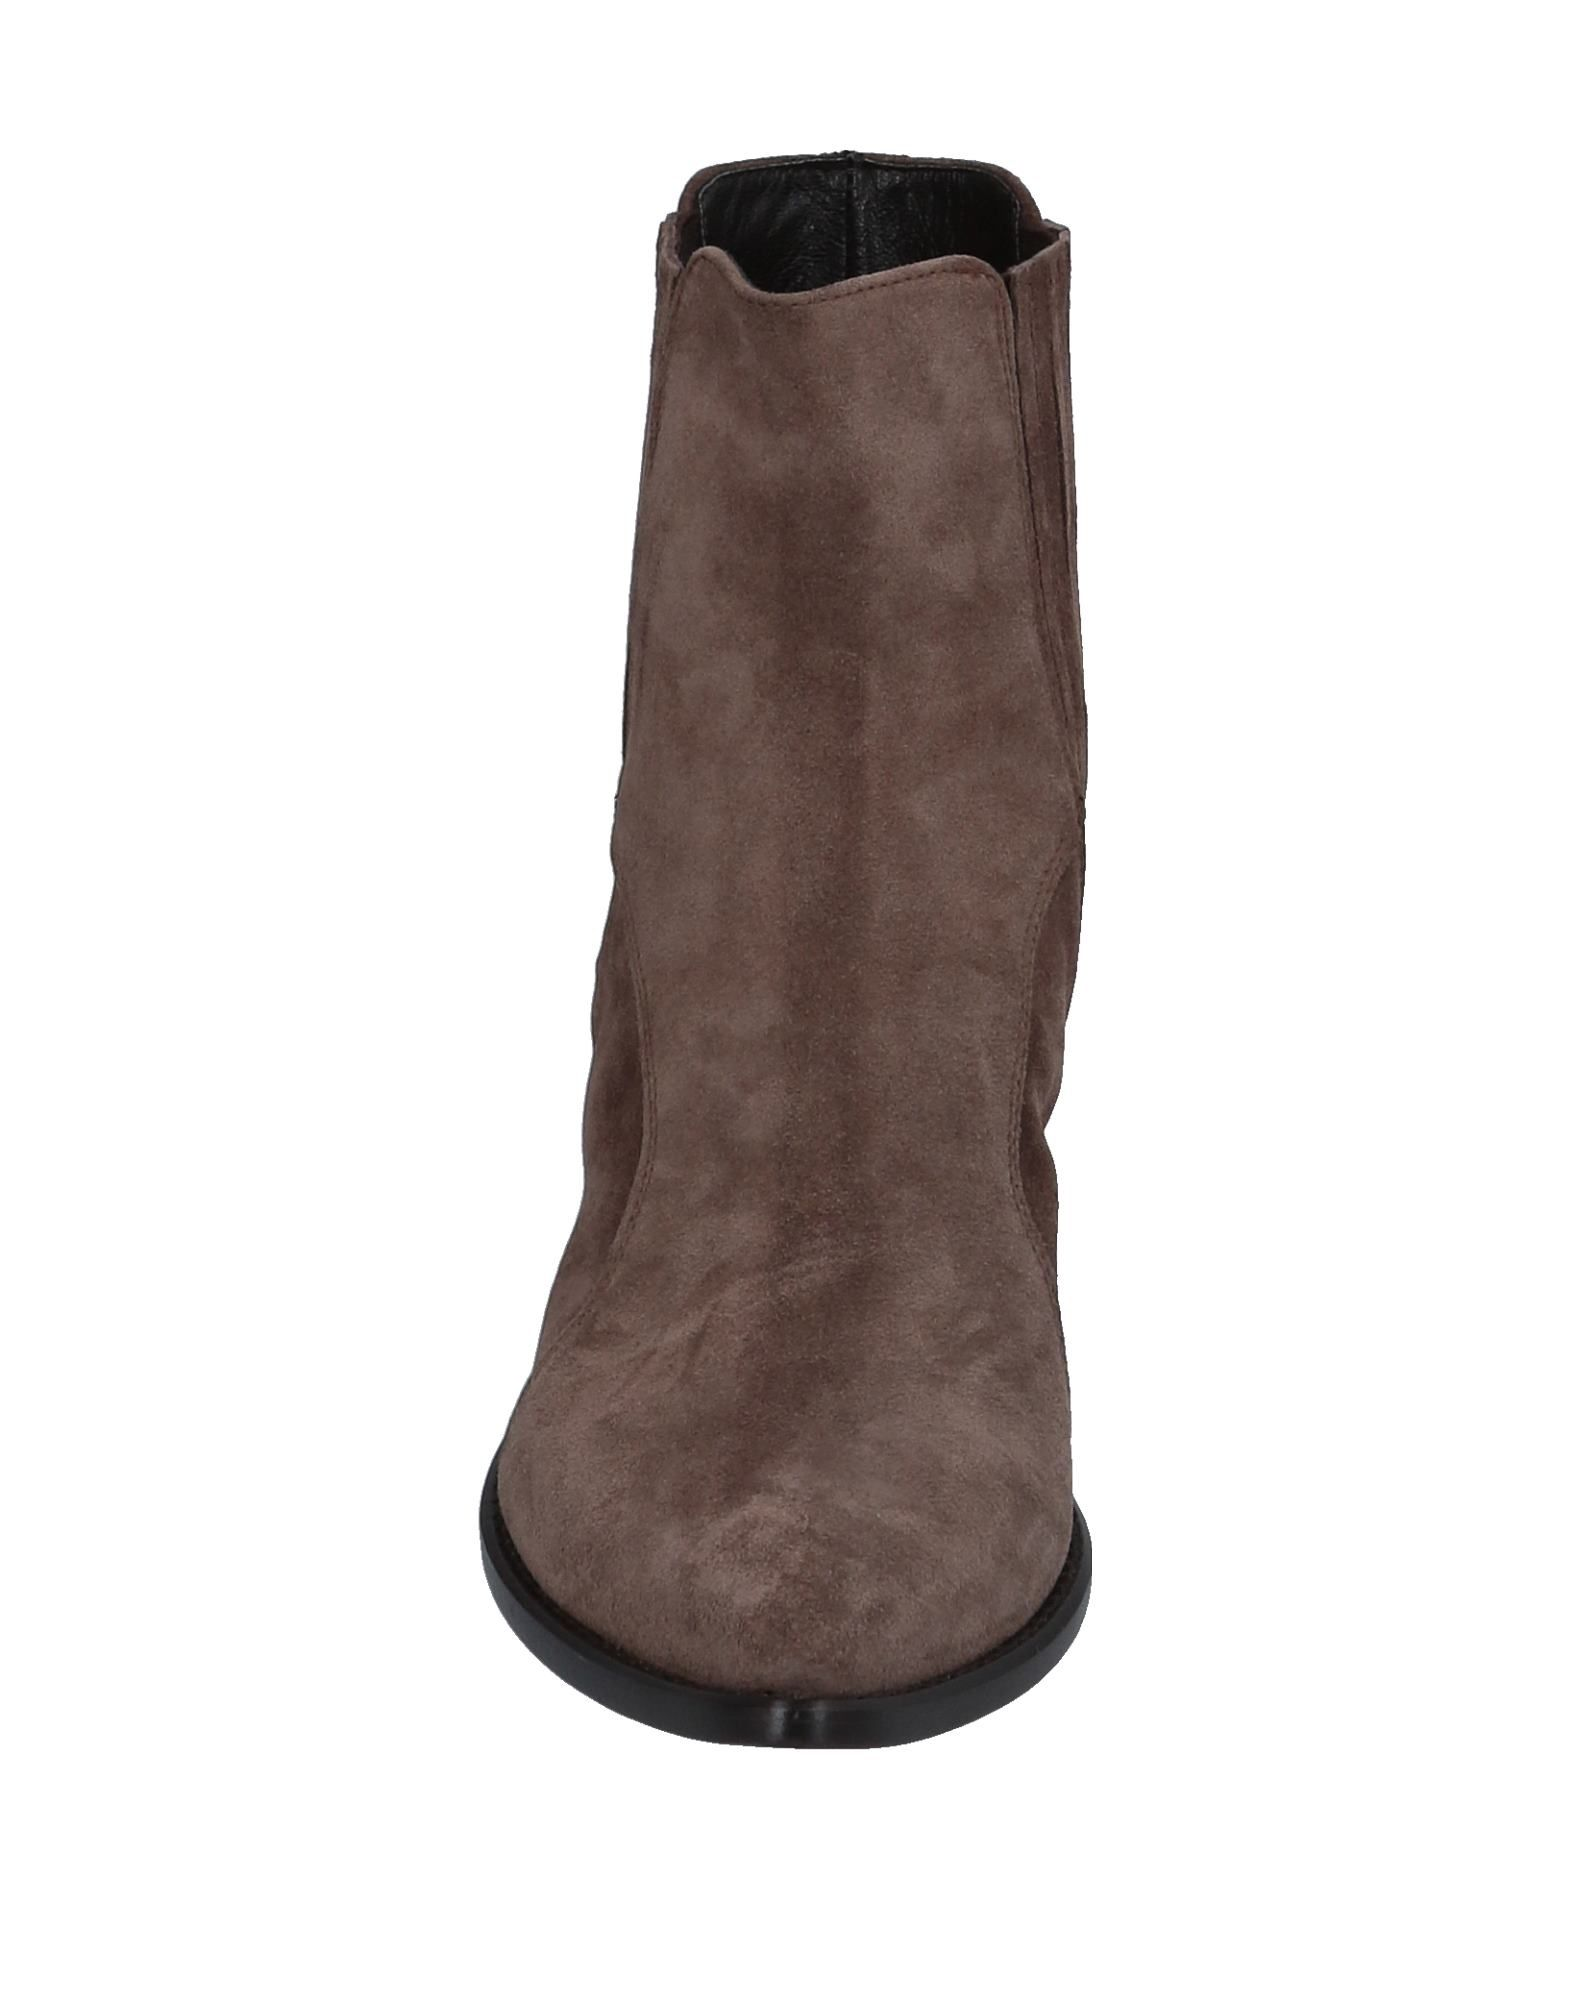 Lena Milos Stiefelette Stiefelette Stiefelette Damen  11537782GW Gute Qualität beliebte Schuhe d3ea44